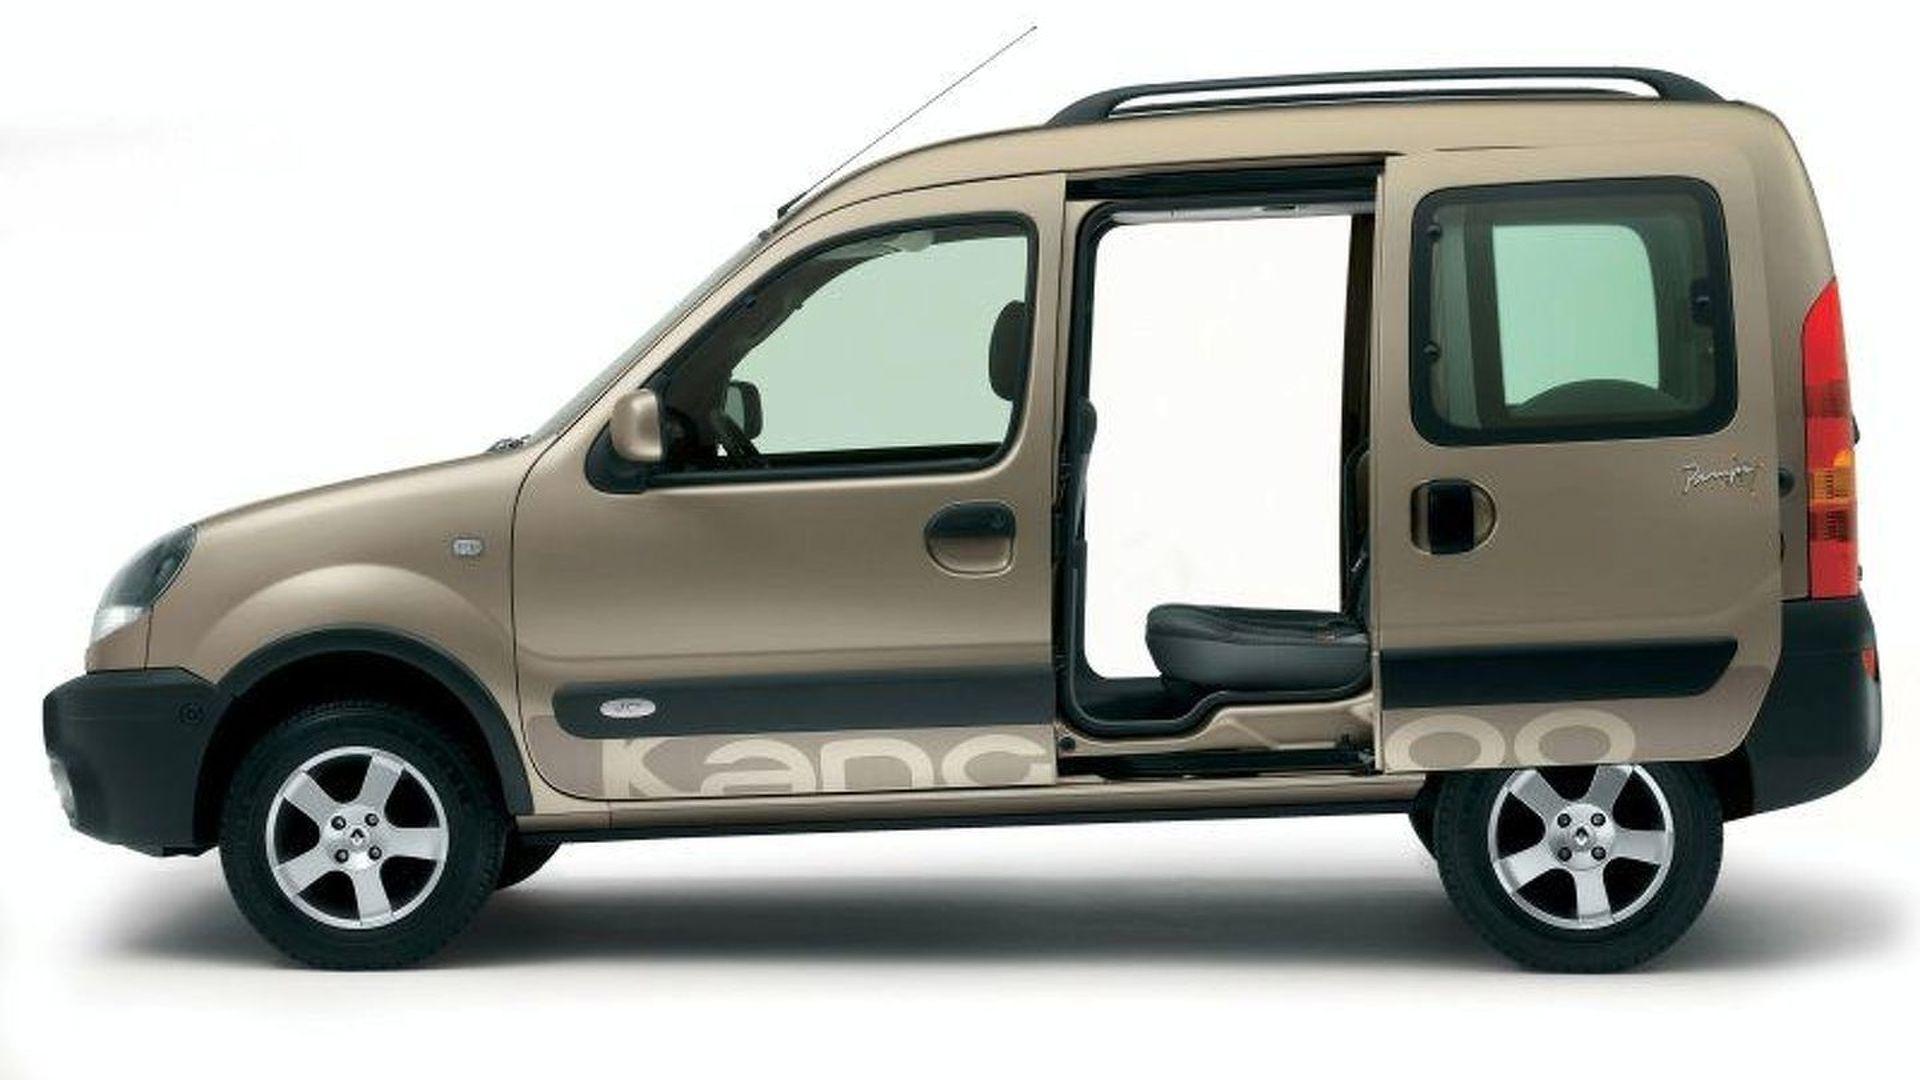 Renault Kangoo Pampa and 4x4 Generation 2006 | Motor1 com Photos